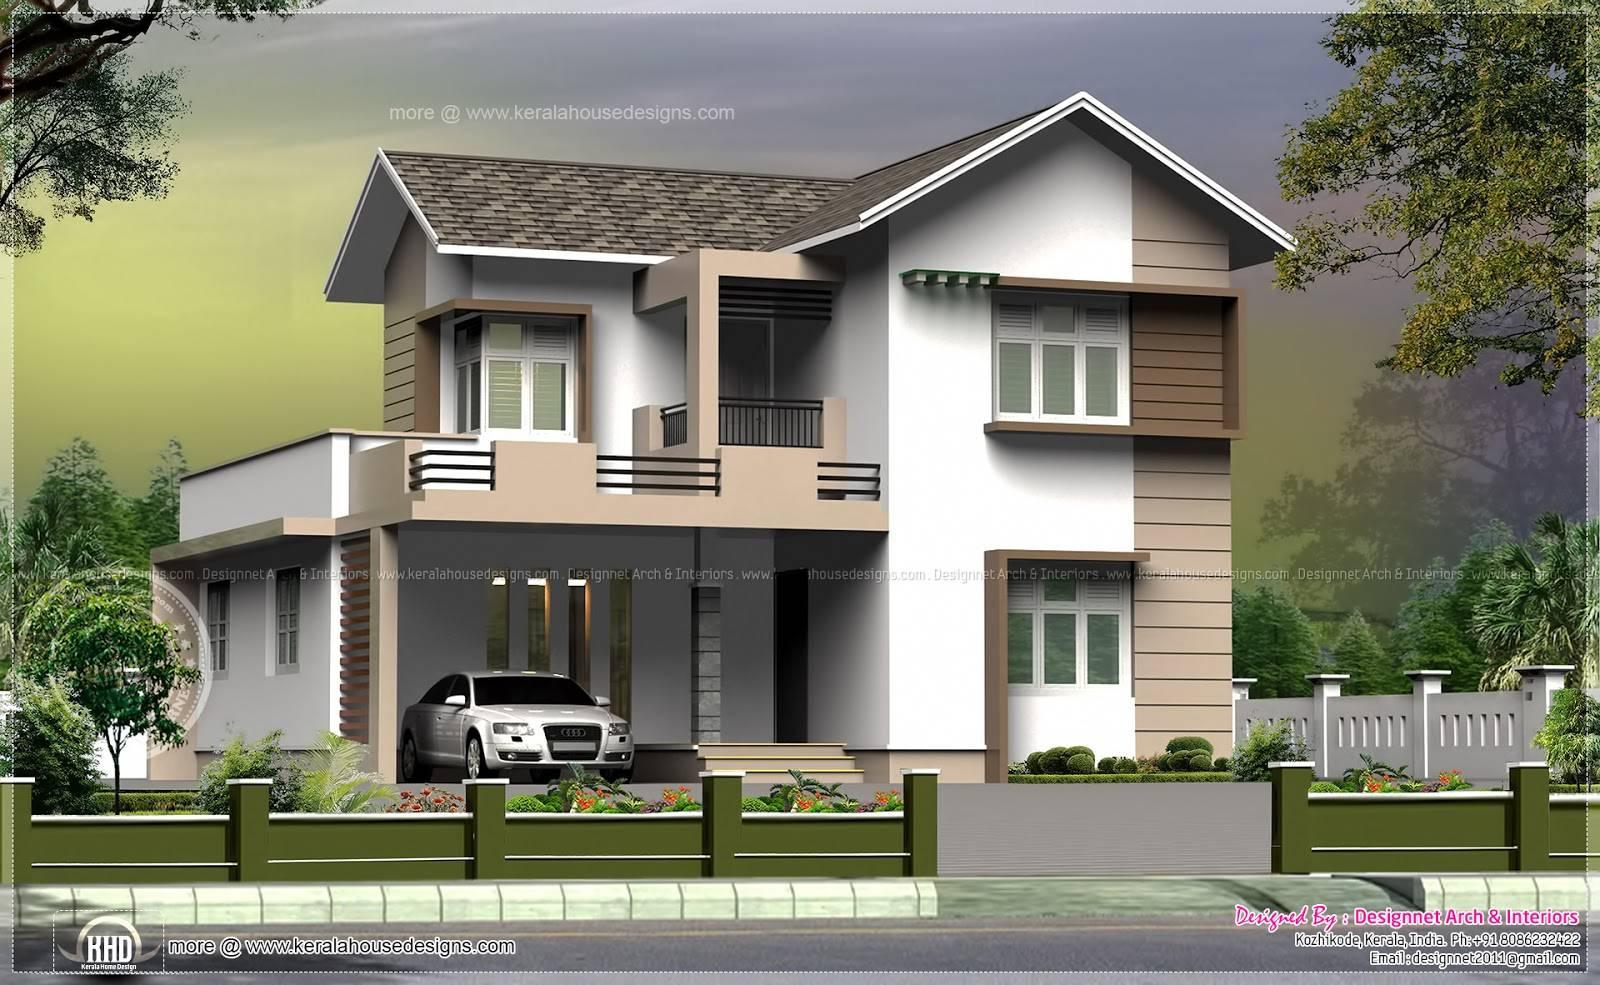 Terrific 22 Amazing Small Villa Design Plan House Plans 71266 Largest Home Design Picture Inspirations Pitcheantrous